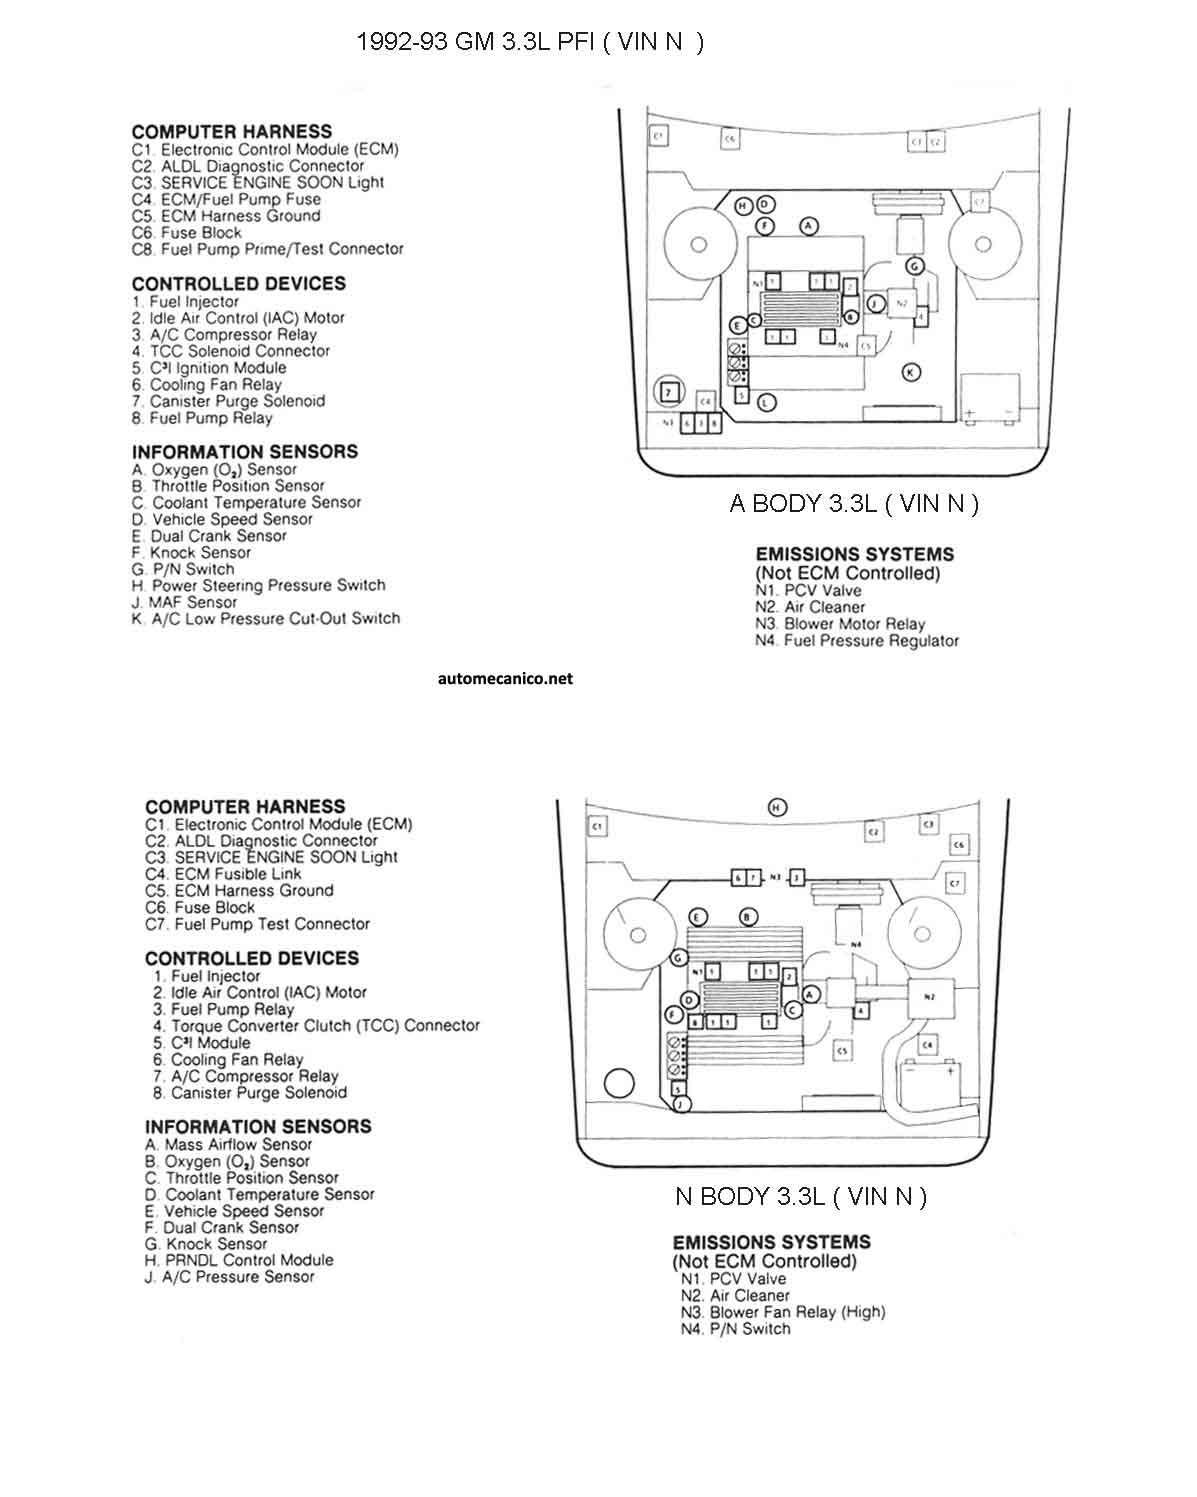 G Motors 3 3l V6 Cil 93 Diagramas Esquemas Graphics